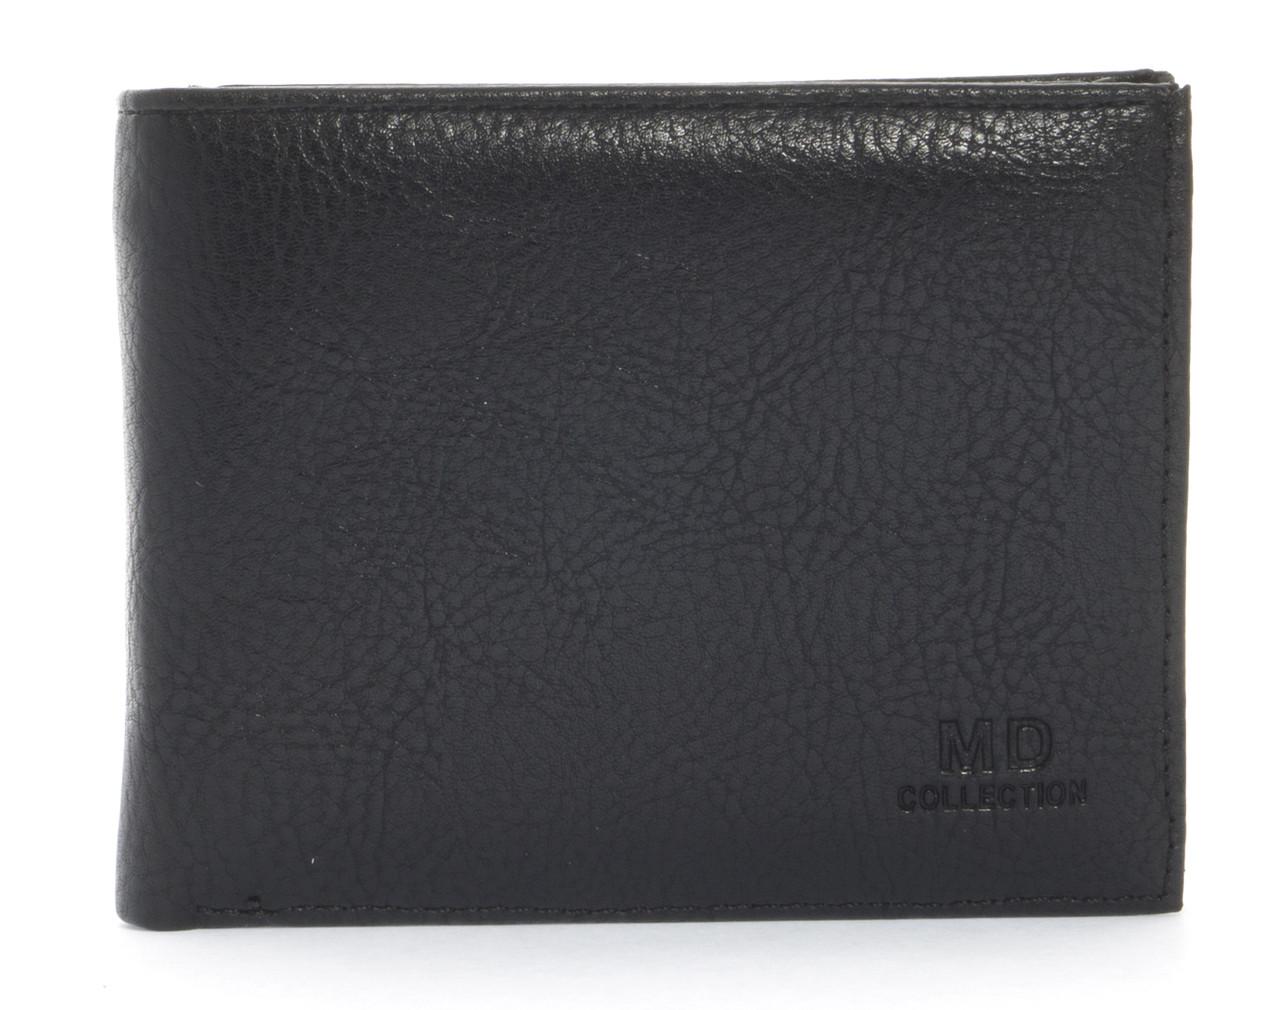 Кожаный черный аккуратный мужской кошелек с зажимом для денег MD collection art. 8806 black